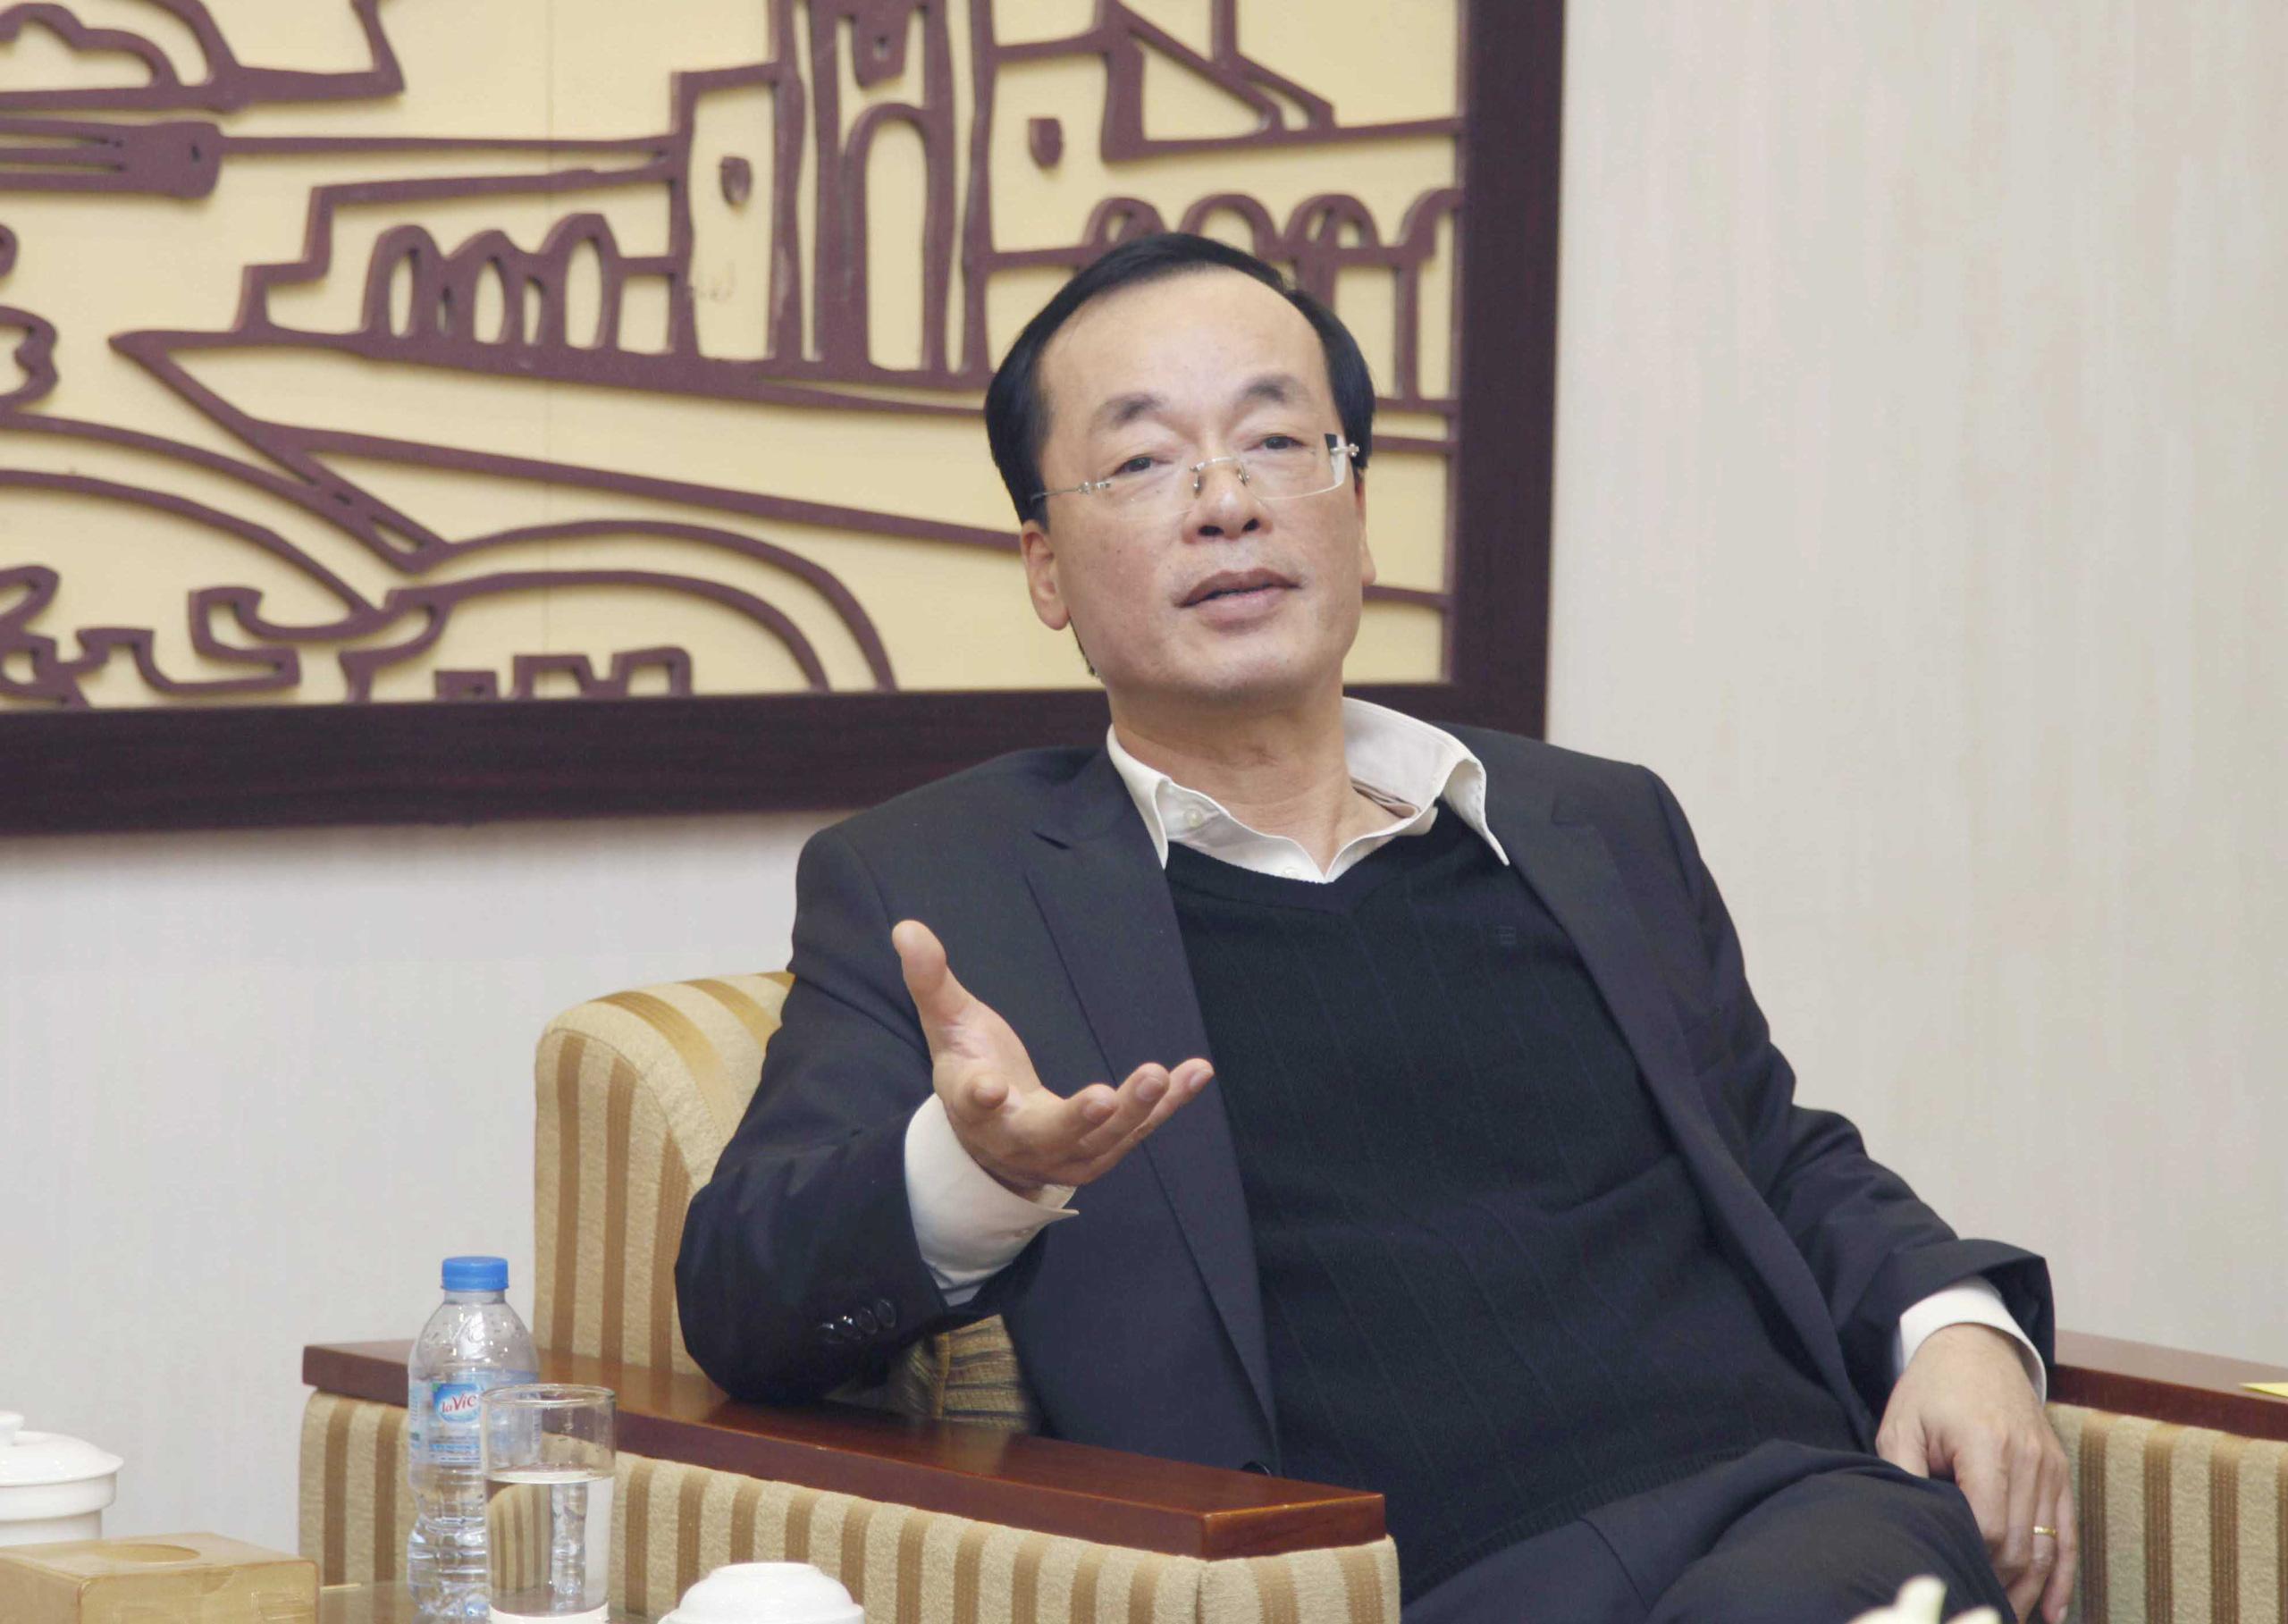 Bộ trưởng Phạm Hồng Hà: Tiếp tục thúc đẩy phát triển NƠXH - Ảnh 1.